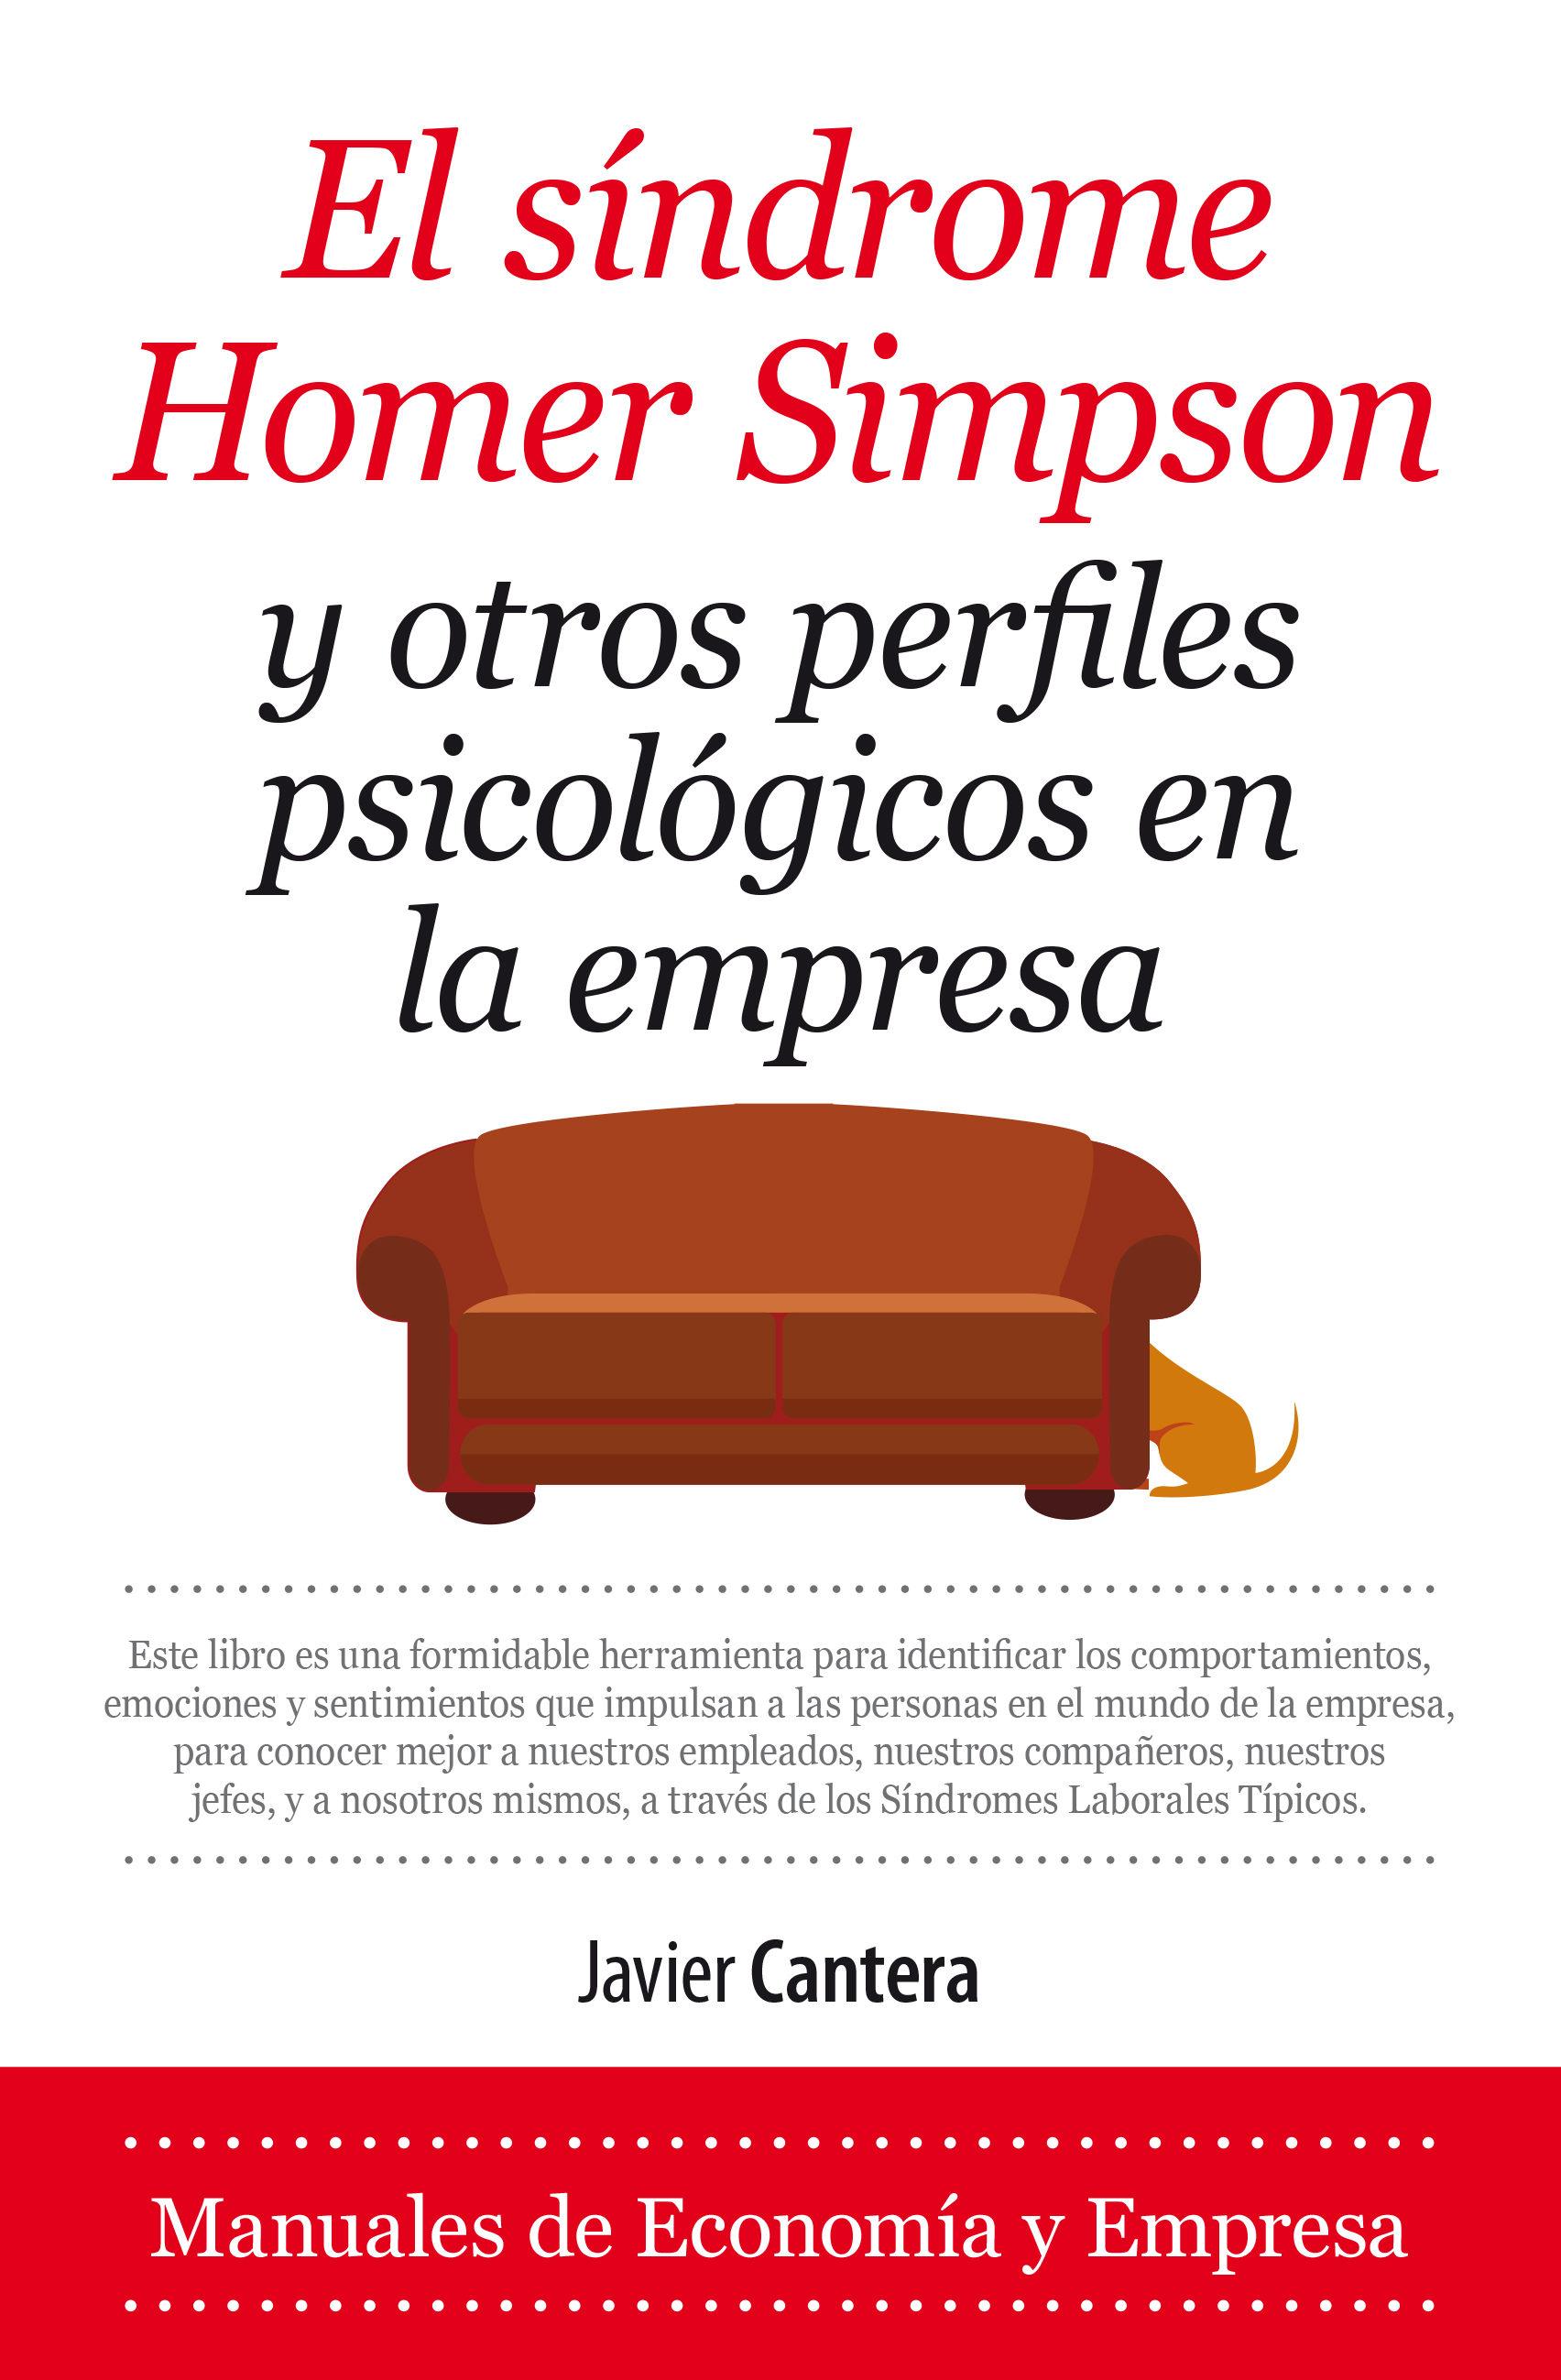 Síndrome Homer Simpson y Otros Perfiles Psicológicos en la Empresa (Economía y Empresa) - Javier Cantera - Almuzara